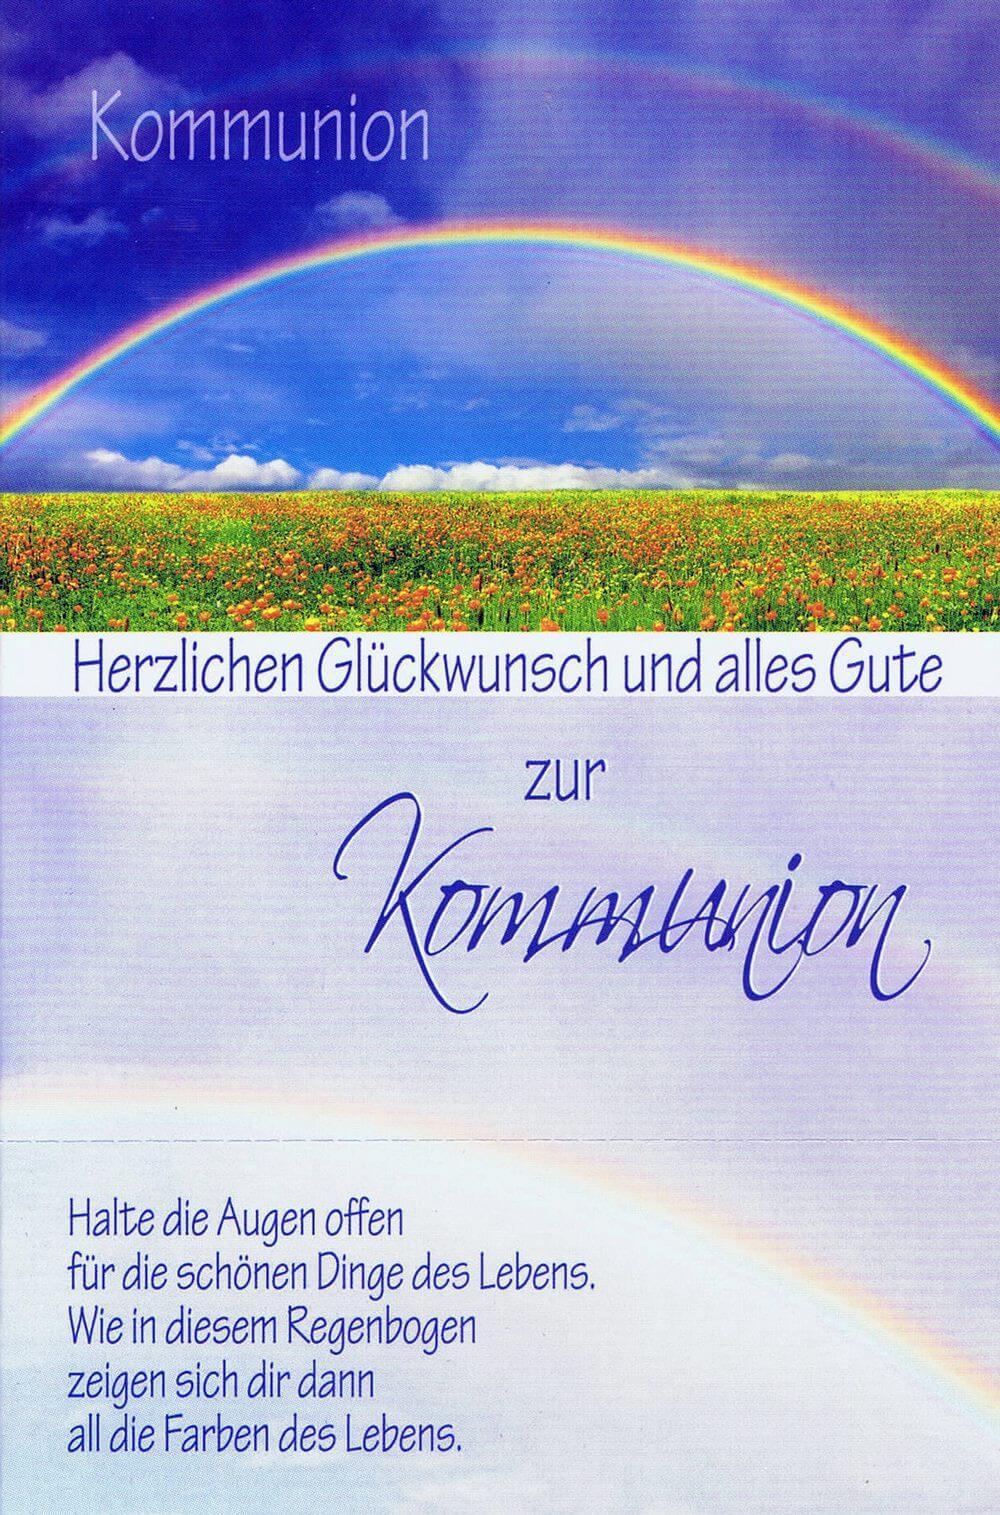 Glückwunschkarte zur Kommunion XKO109 Regenbogen